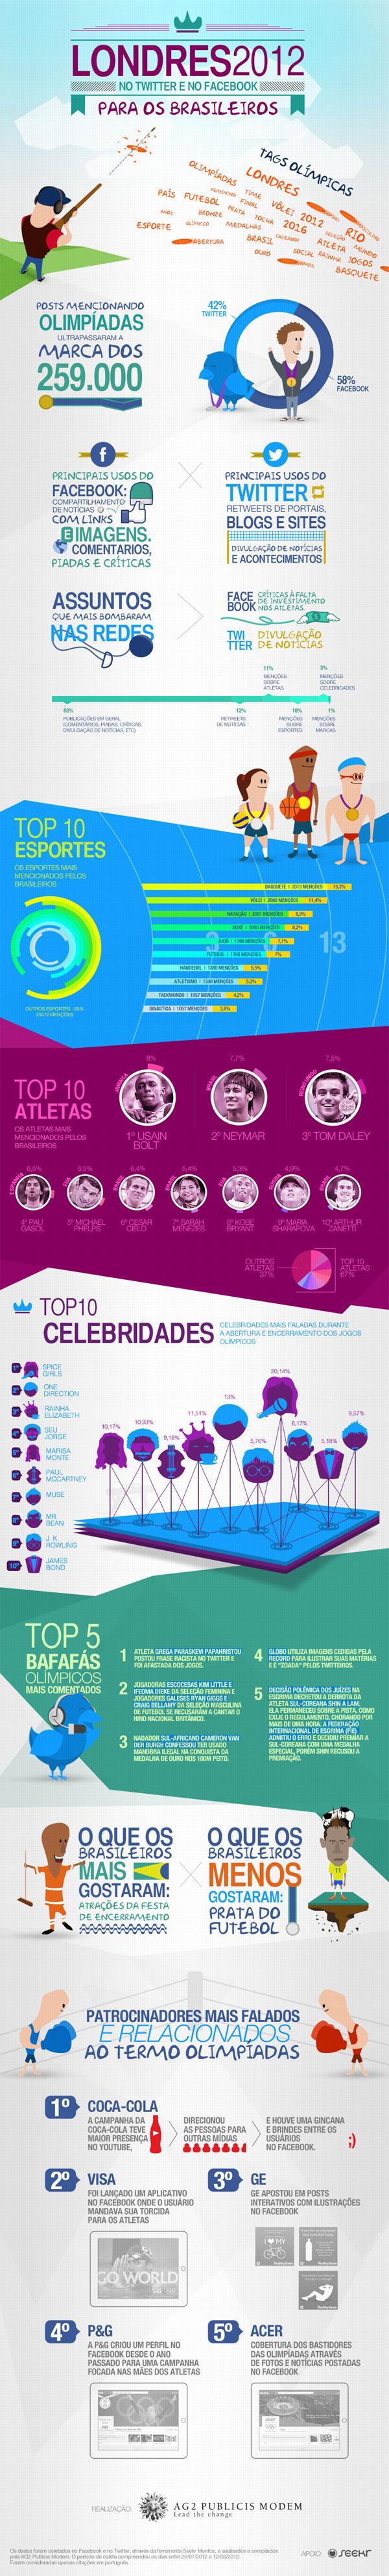 infográfico londres 2012.  repercurssão nas mídias digitais